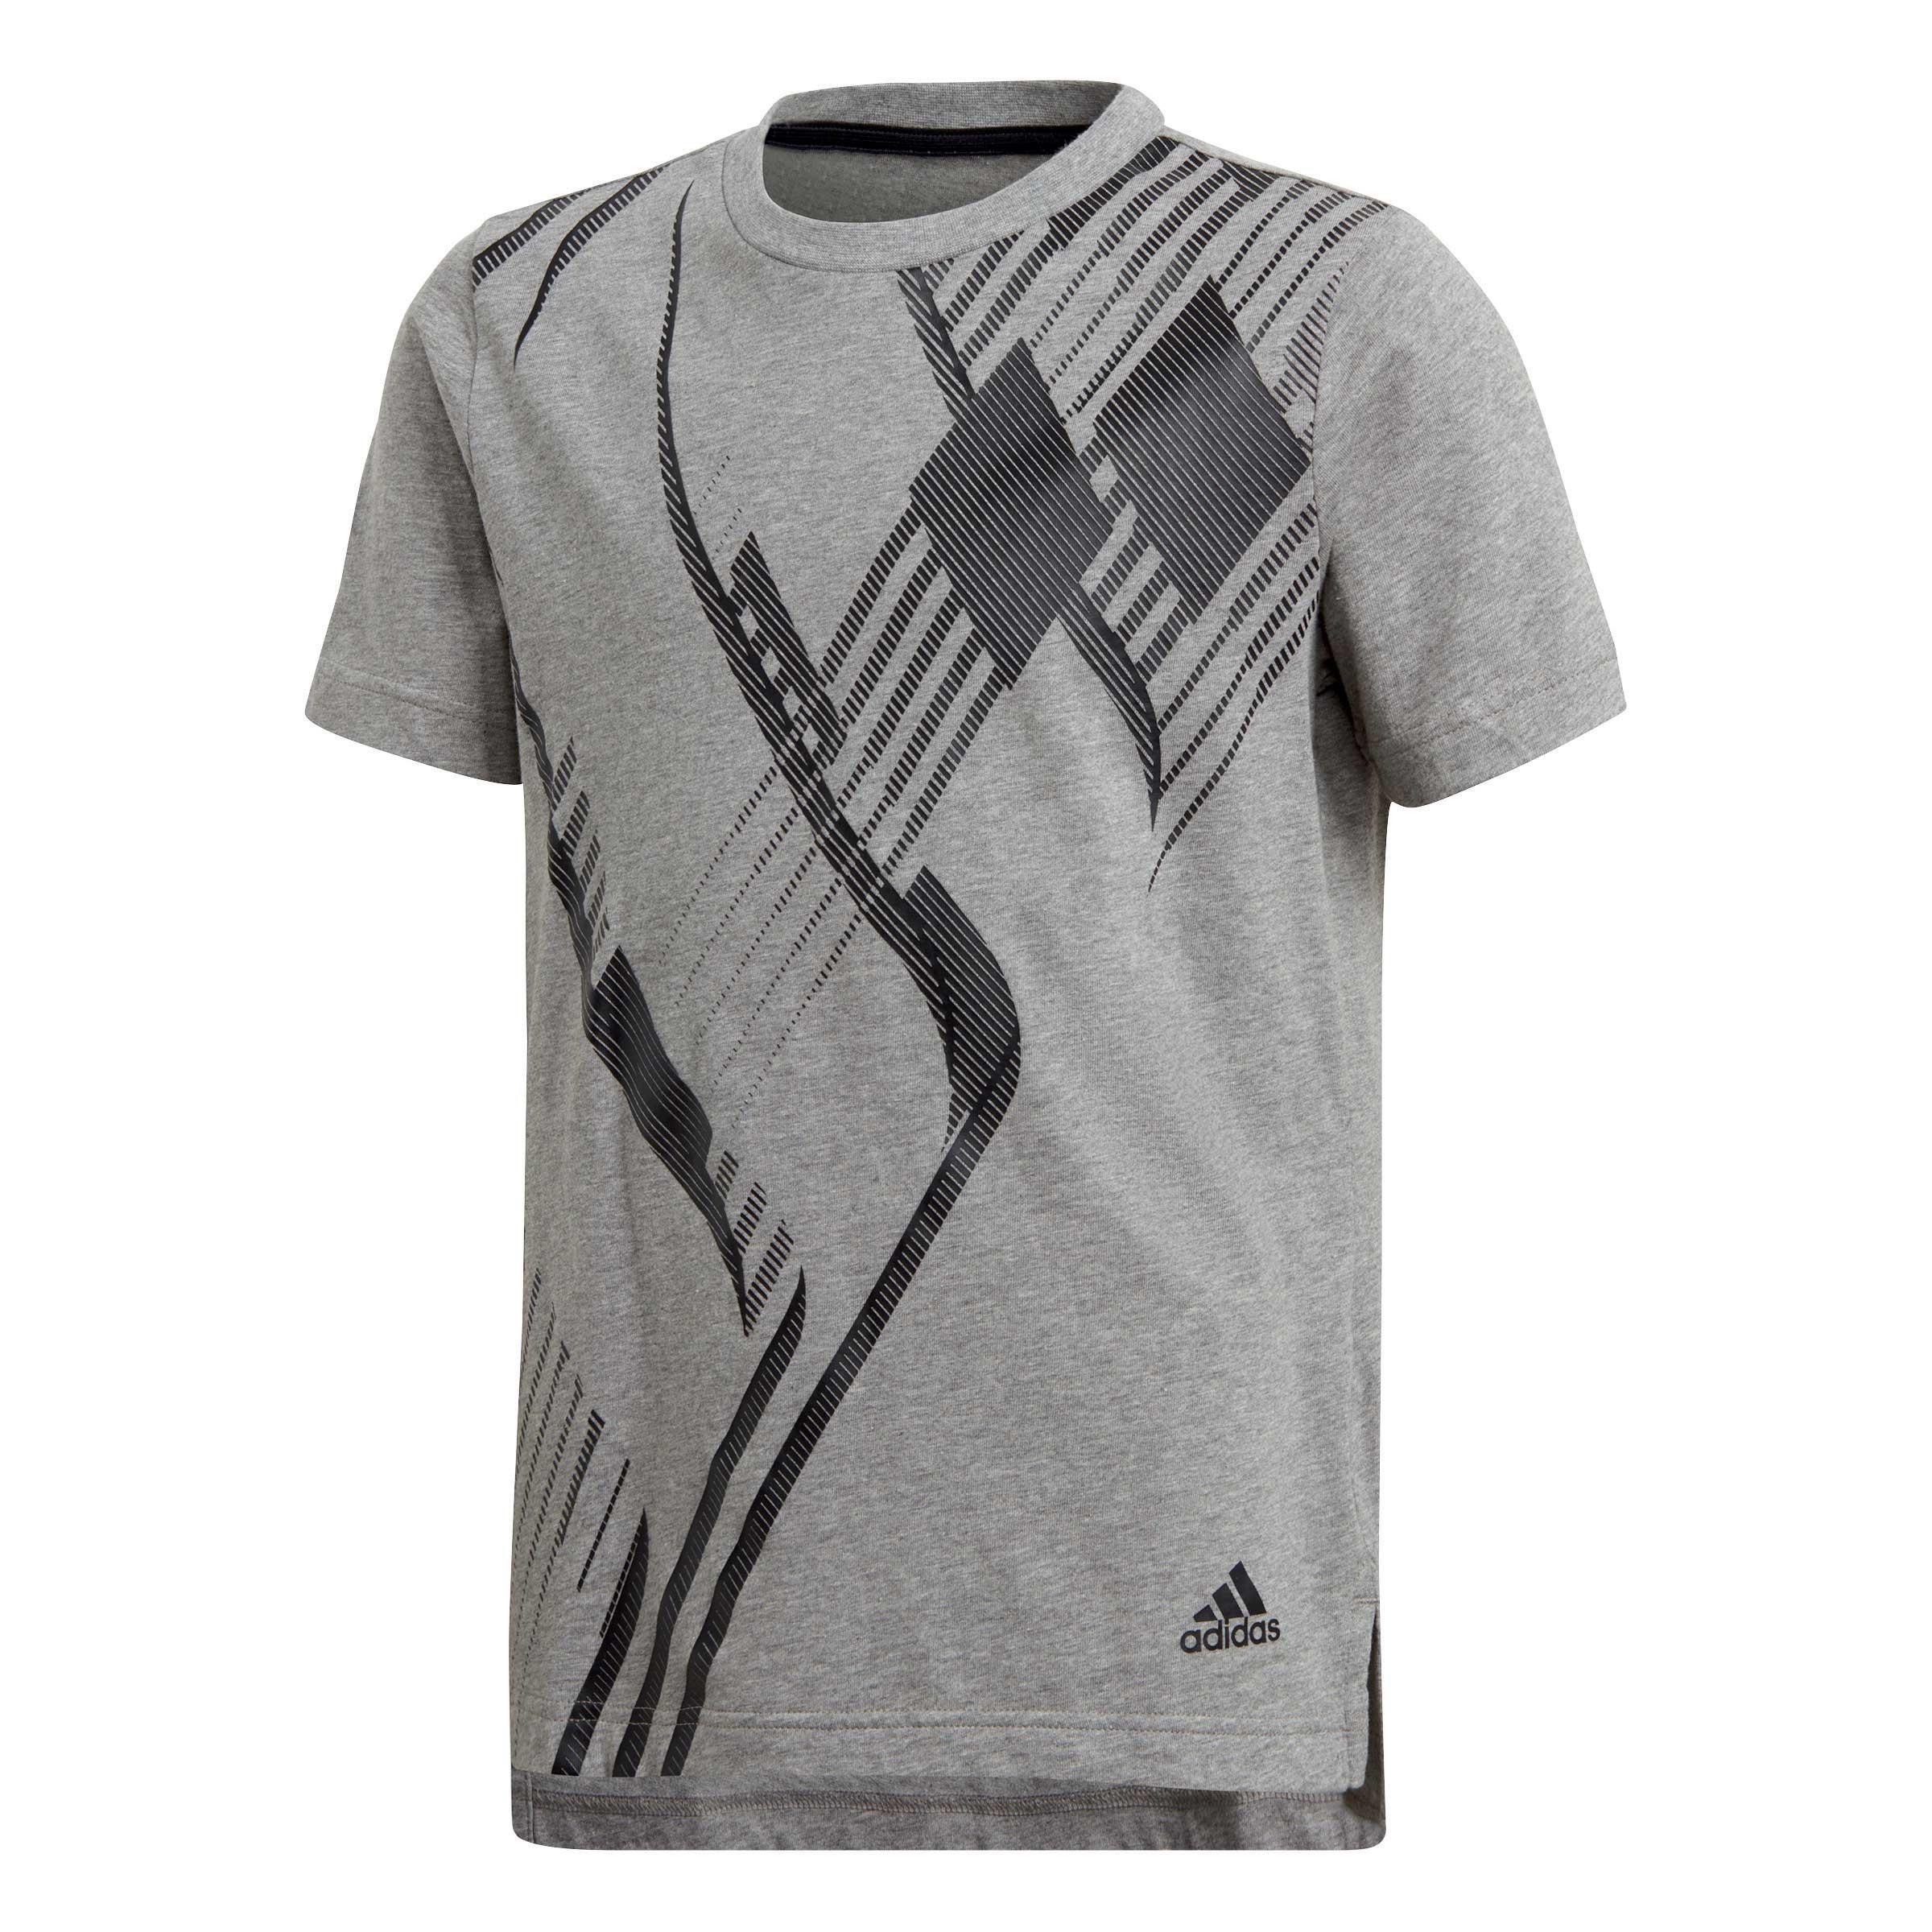 adidas Kinder DFB Street Graphic Tee T-Shirt CF2471 für Weihnachten